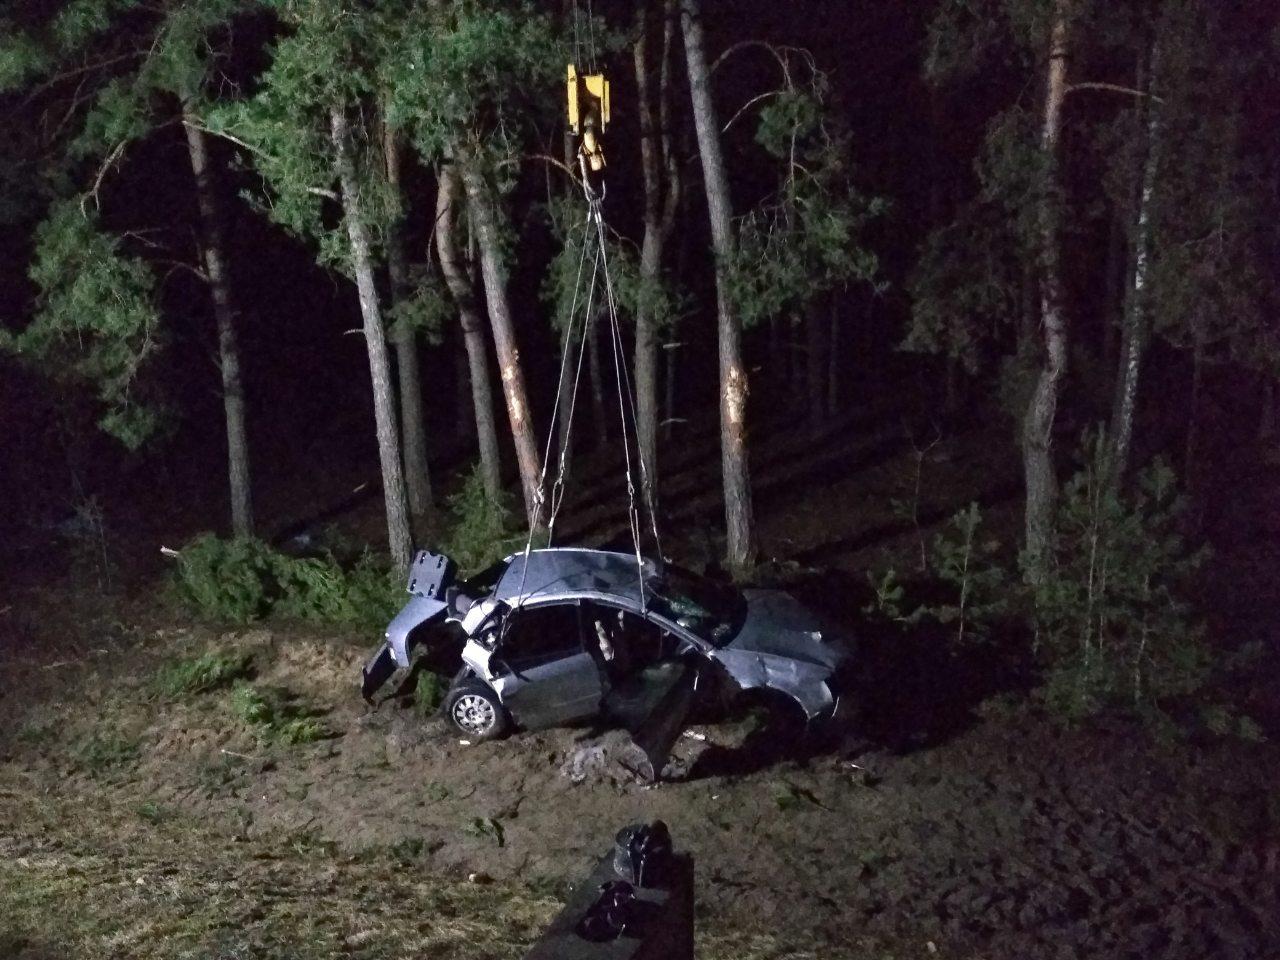 Страшное ДТП в Ивановском районе - автомобиль вылетел в лес, погибли два человека